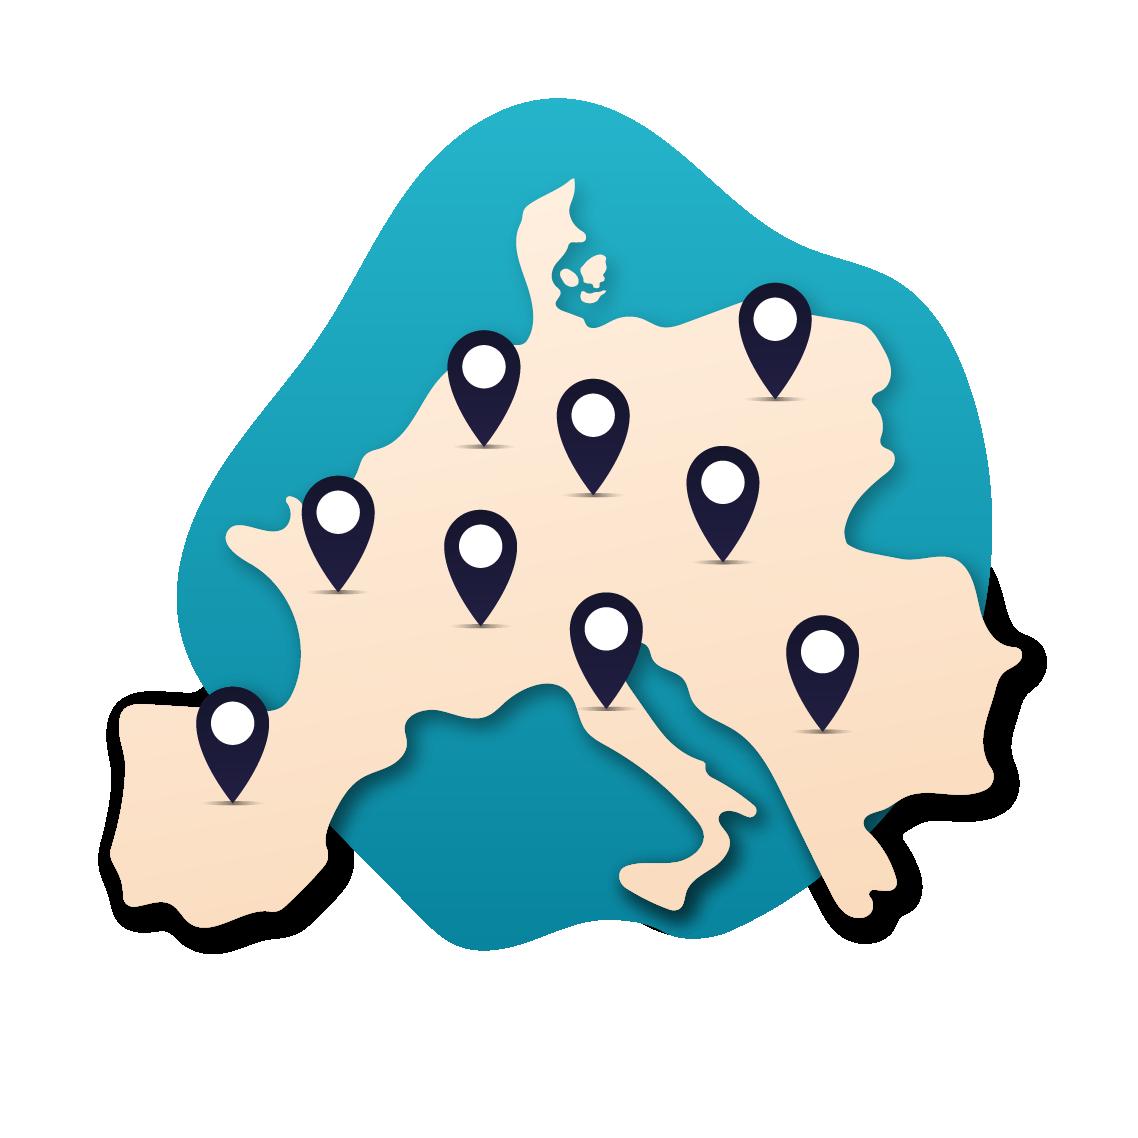 plus de 400 destinations au choix dans toute l'Europe